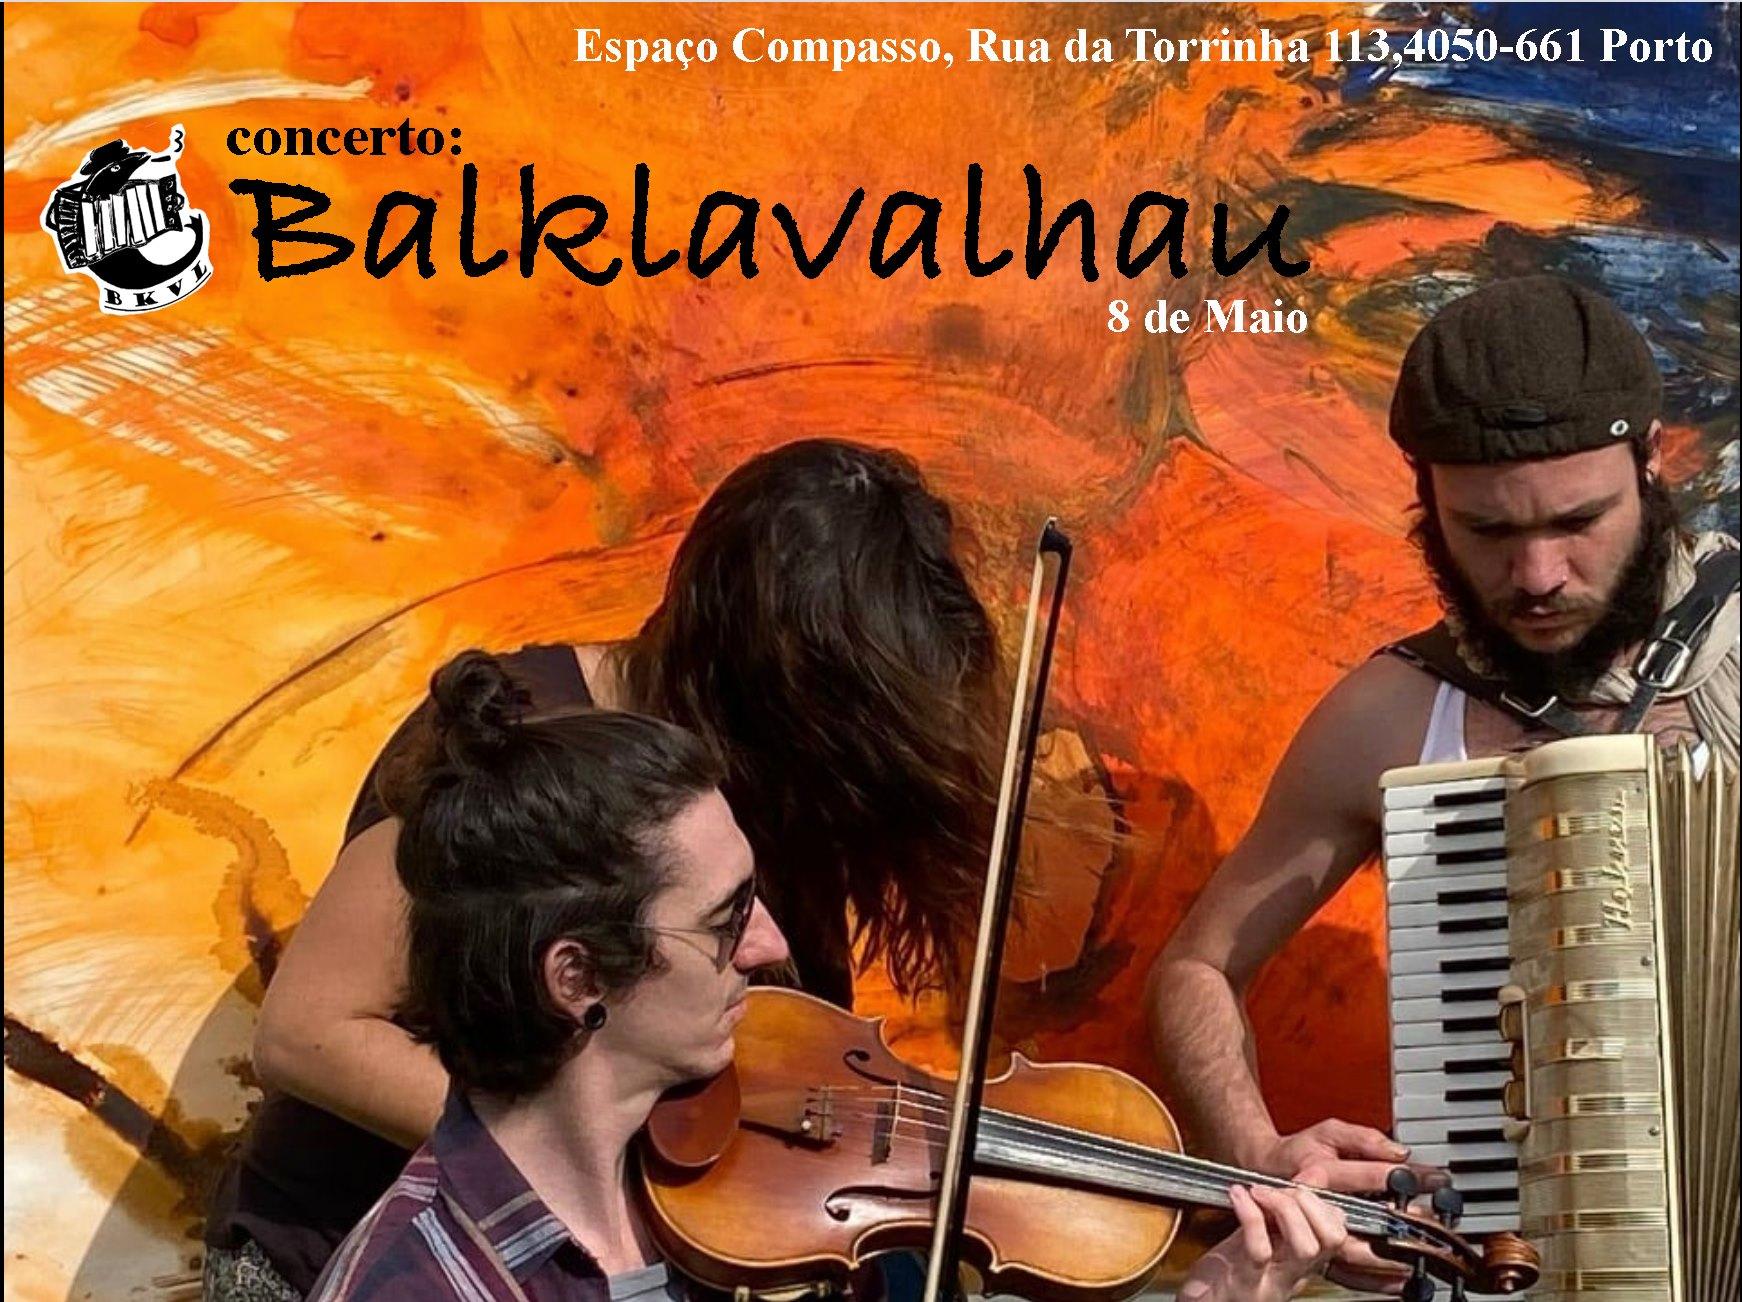 BALKLAVALHAU - ESGOTADO!!!